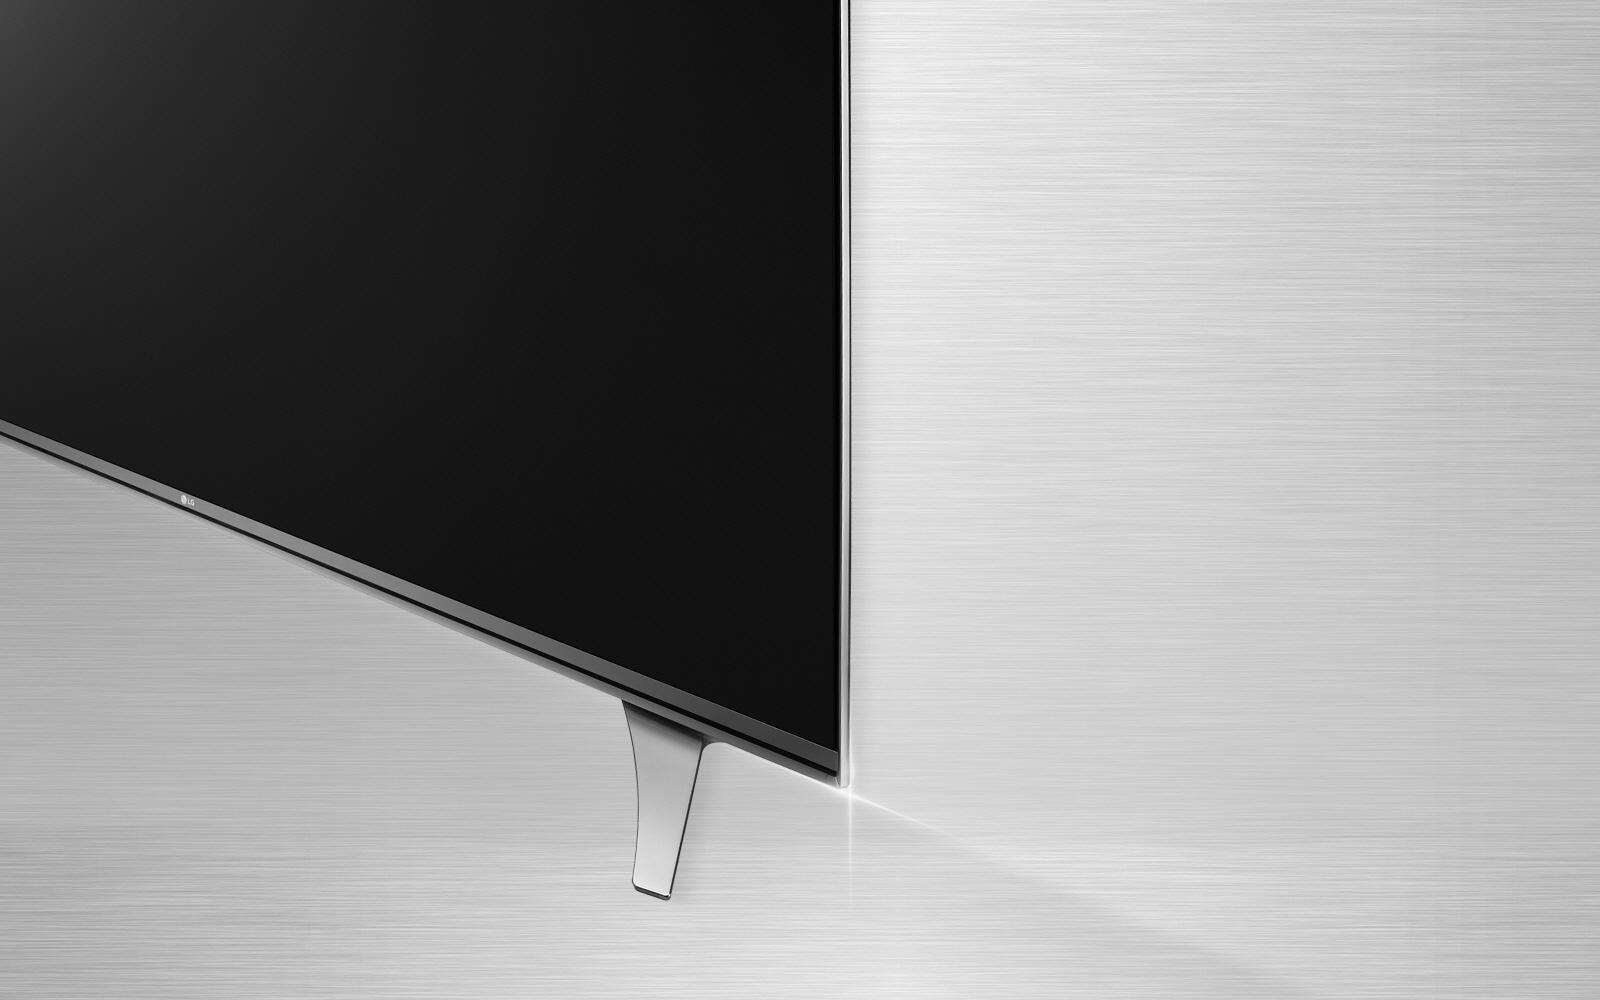 تلویزیون الجی